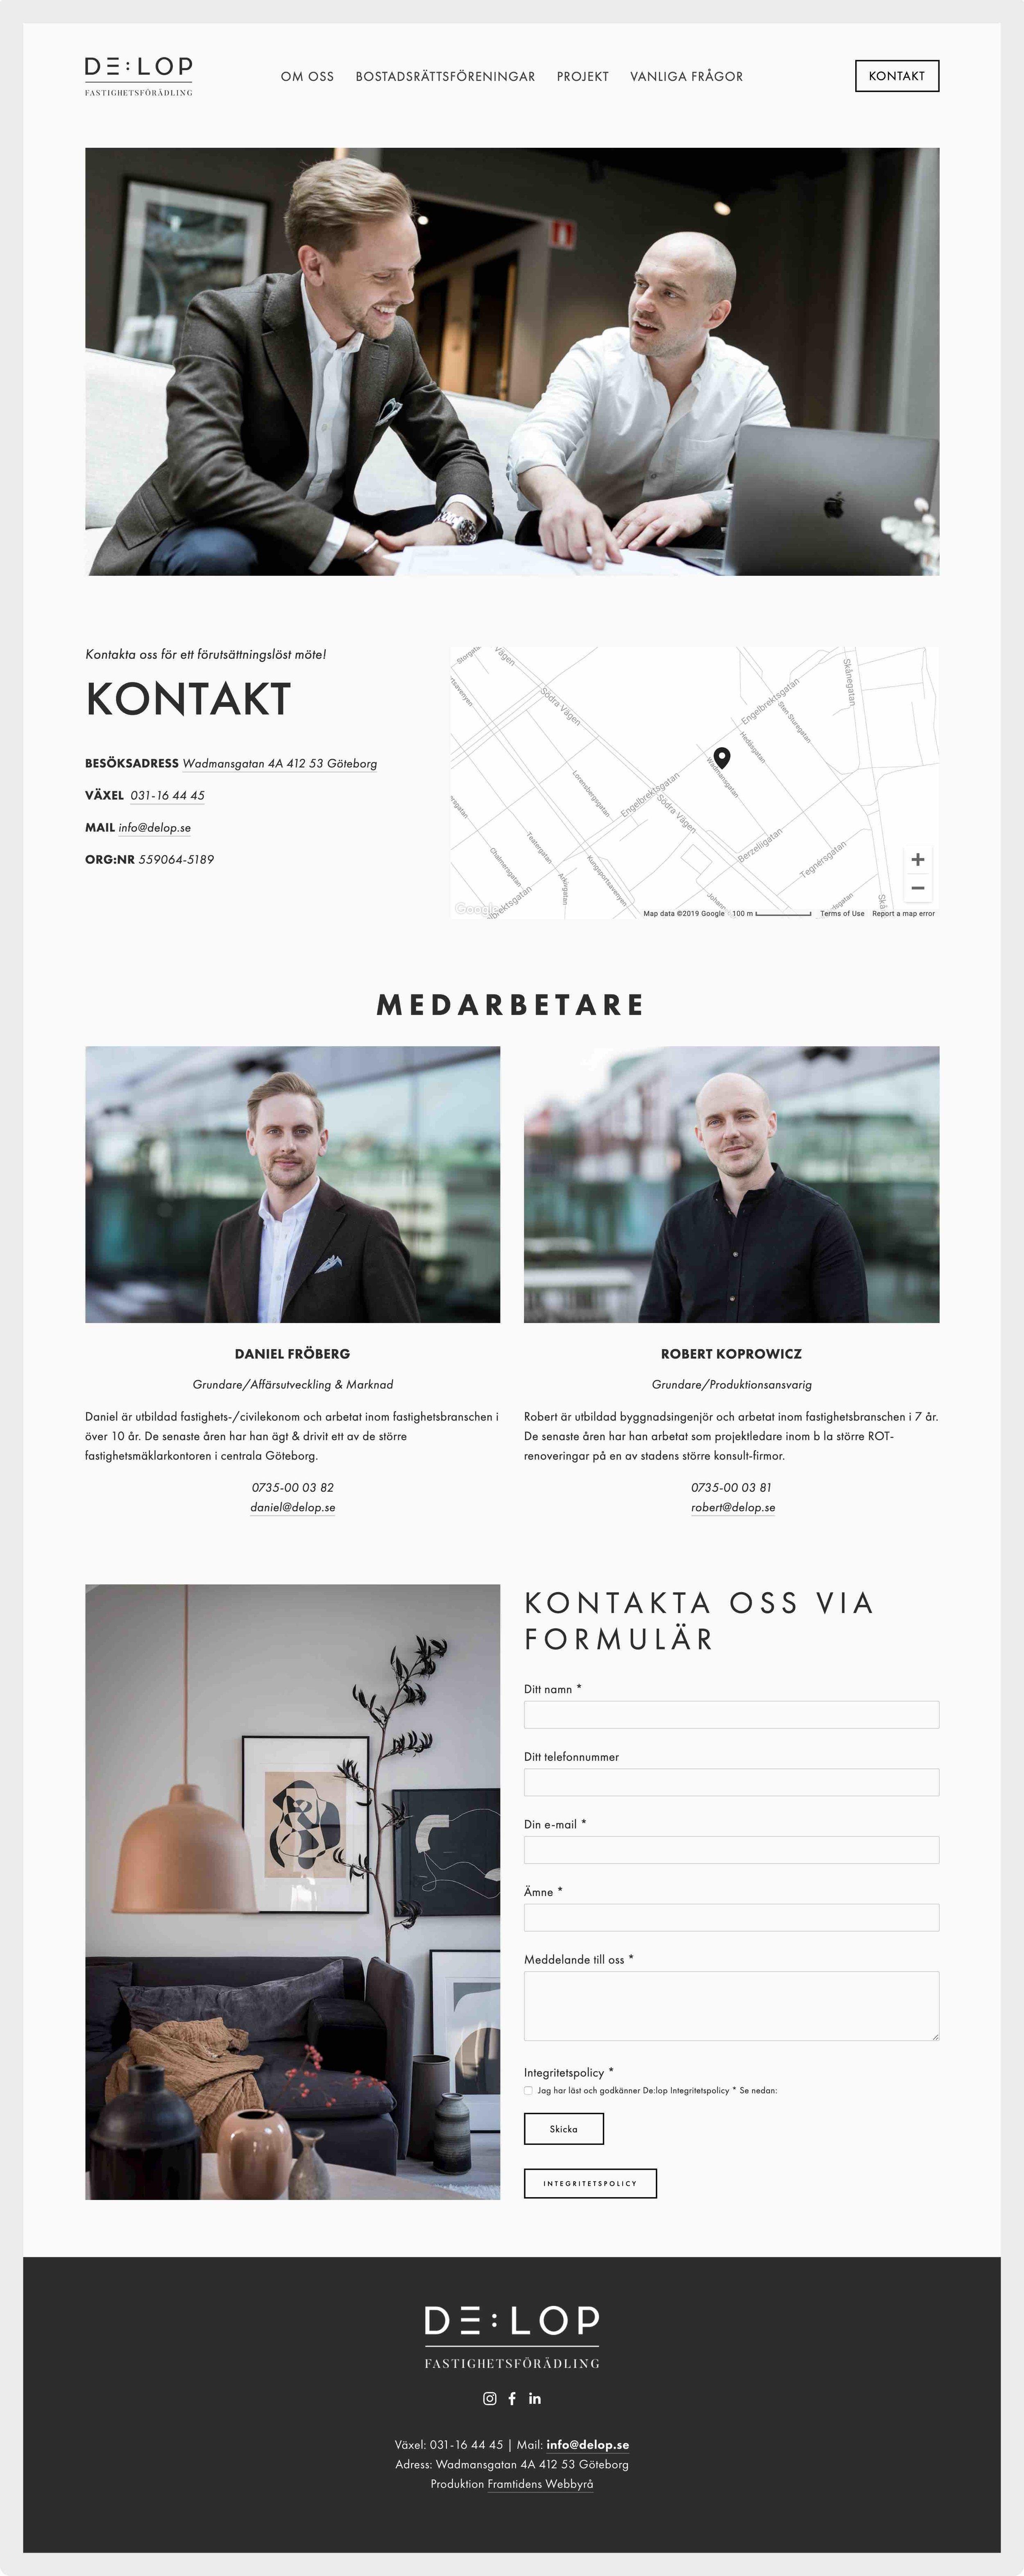 framtidens-webbyrå-hemsida-uppdrag-delop-kontakt